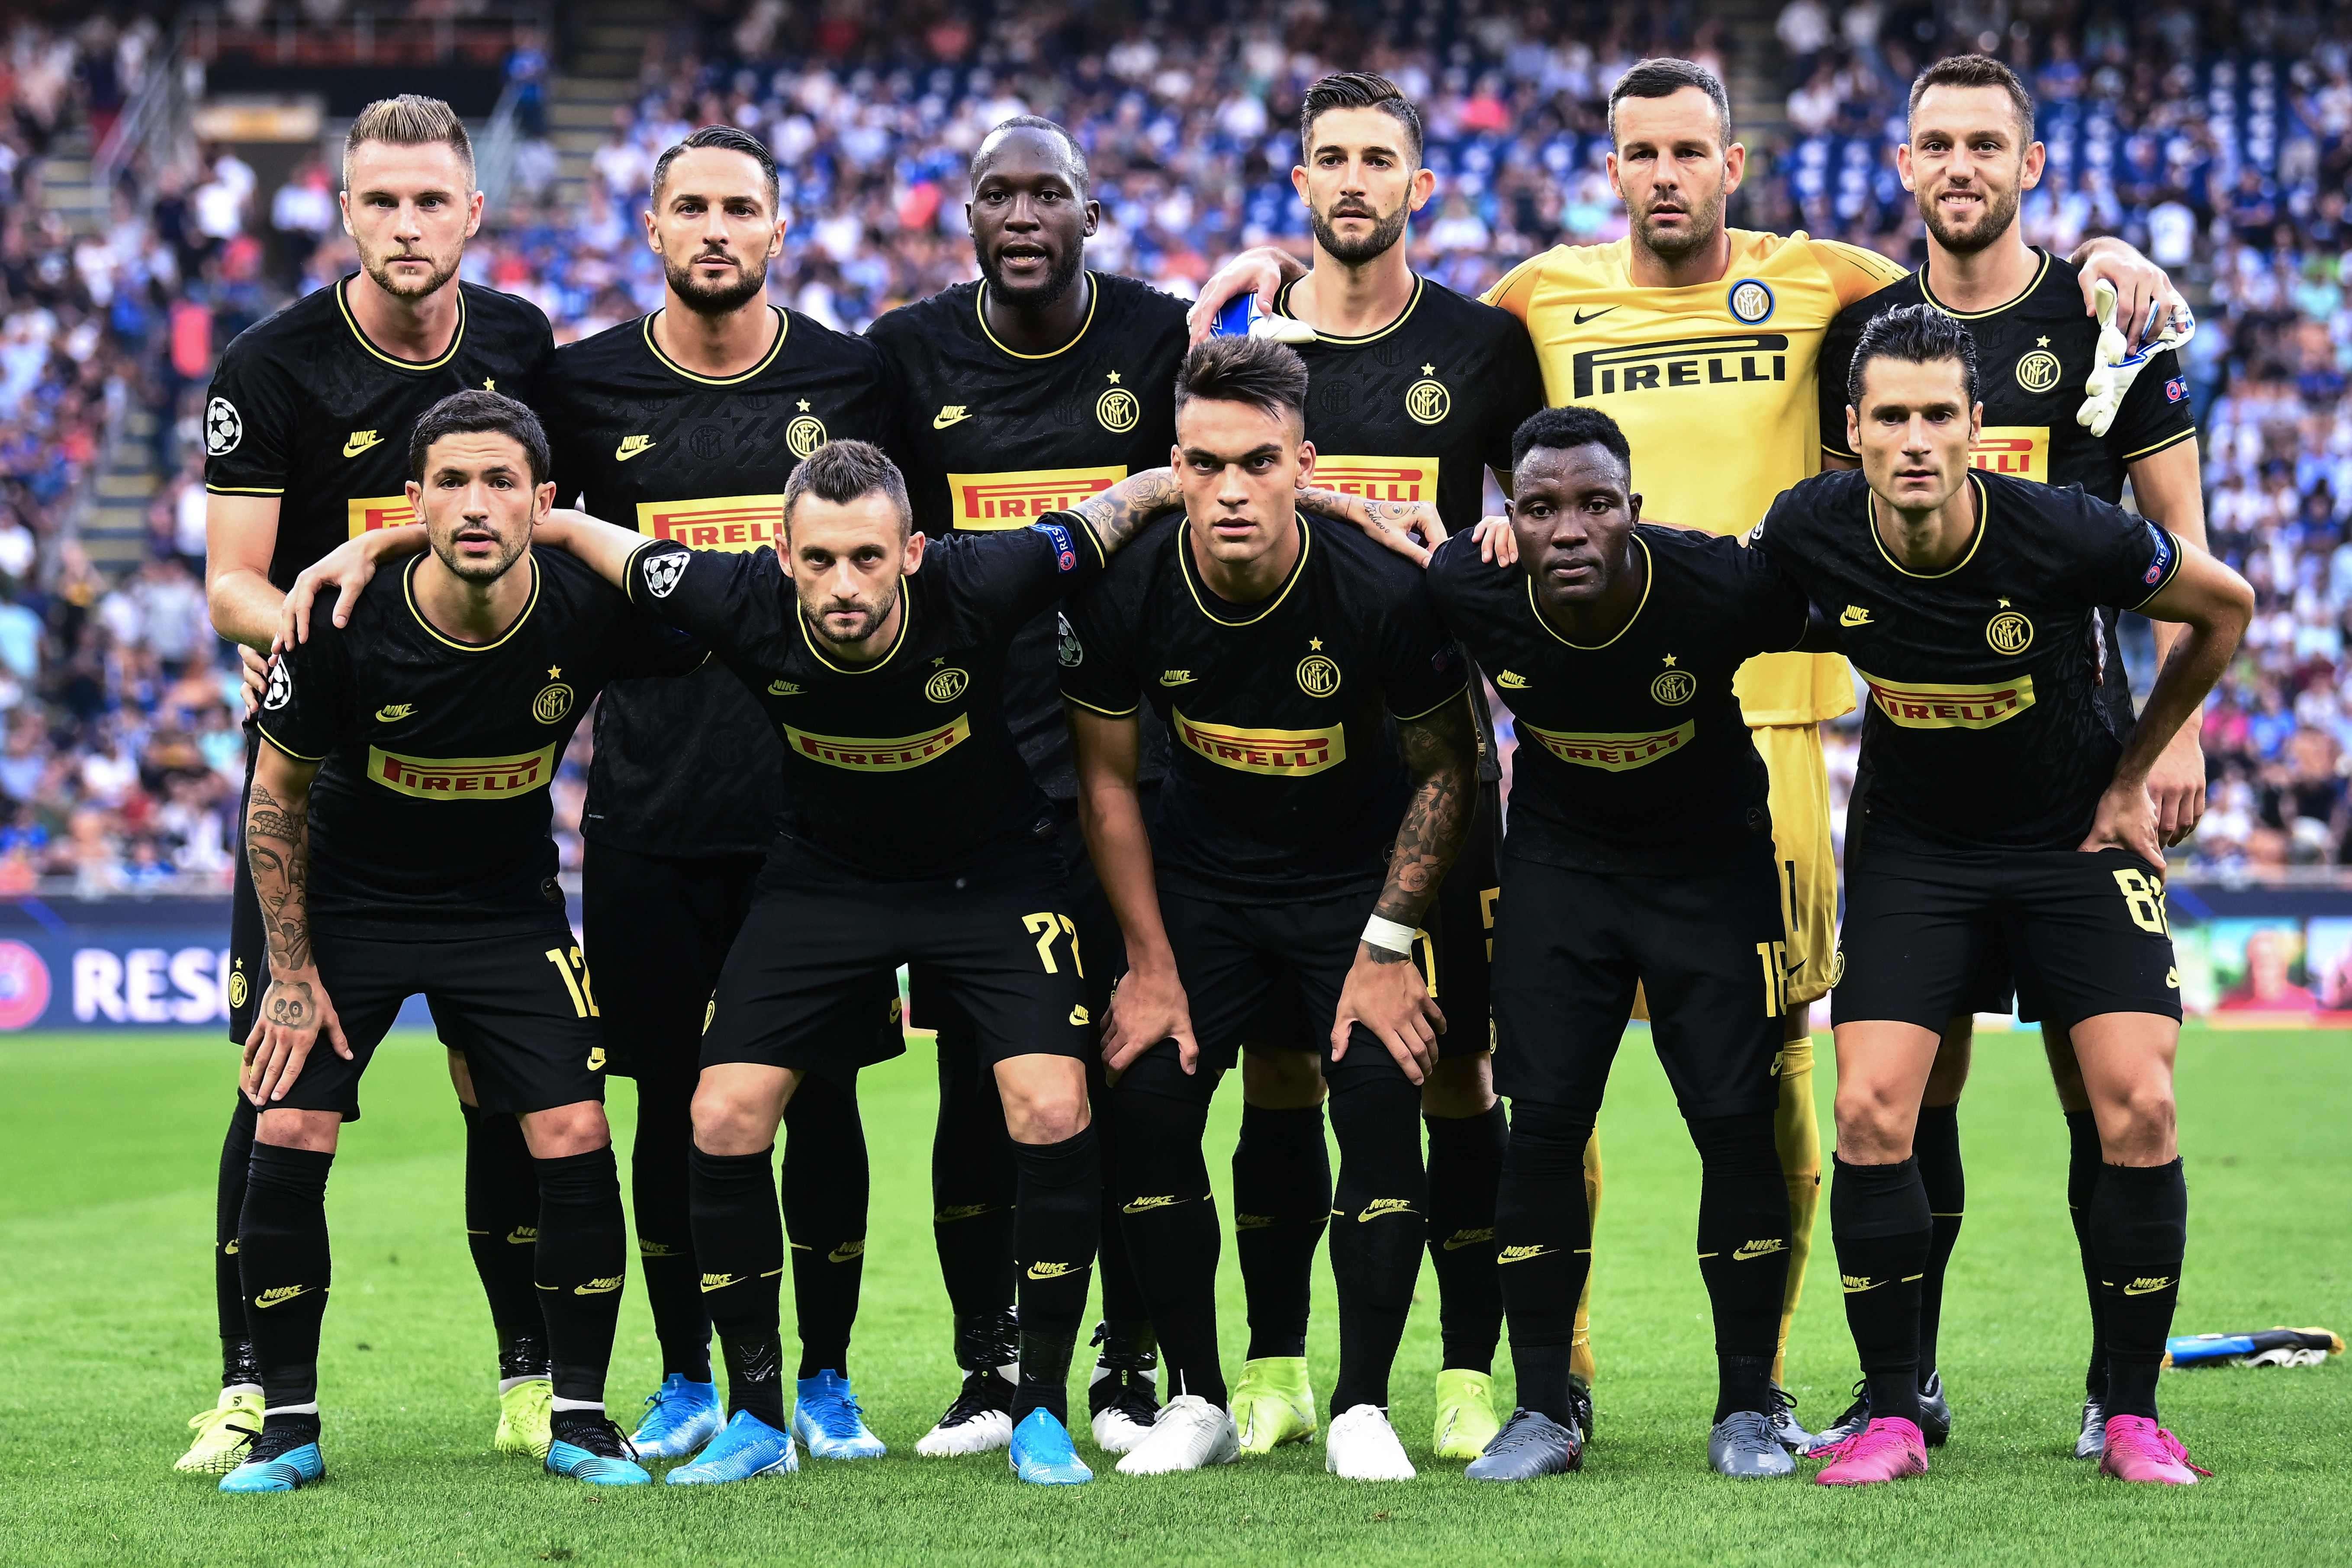 Kwadwo Asamoah enjoys 90 minutes as Inter Milan draw 1-1 with Slavia Prague in UCL opener